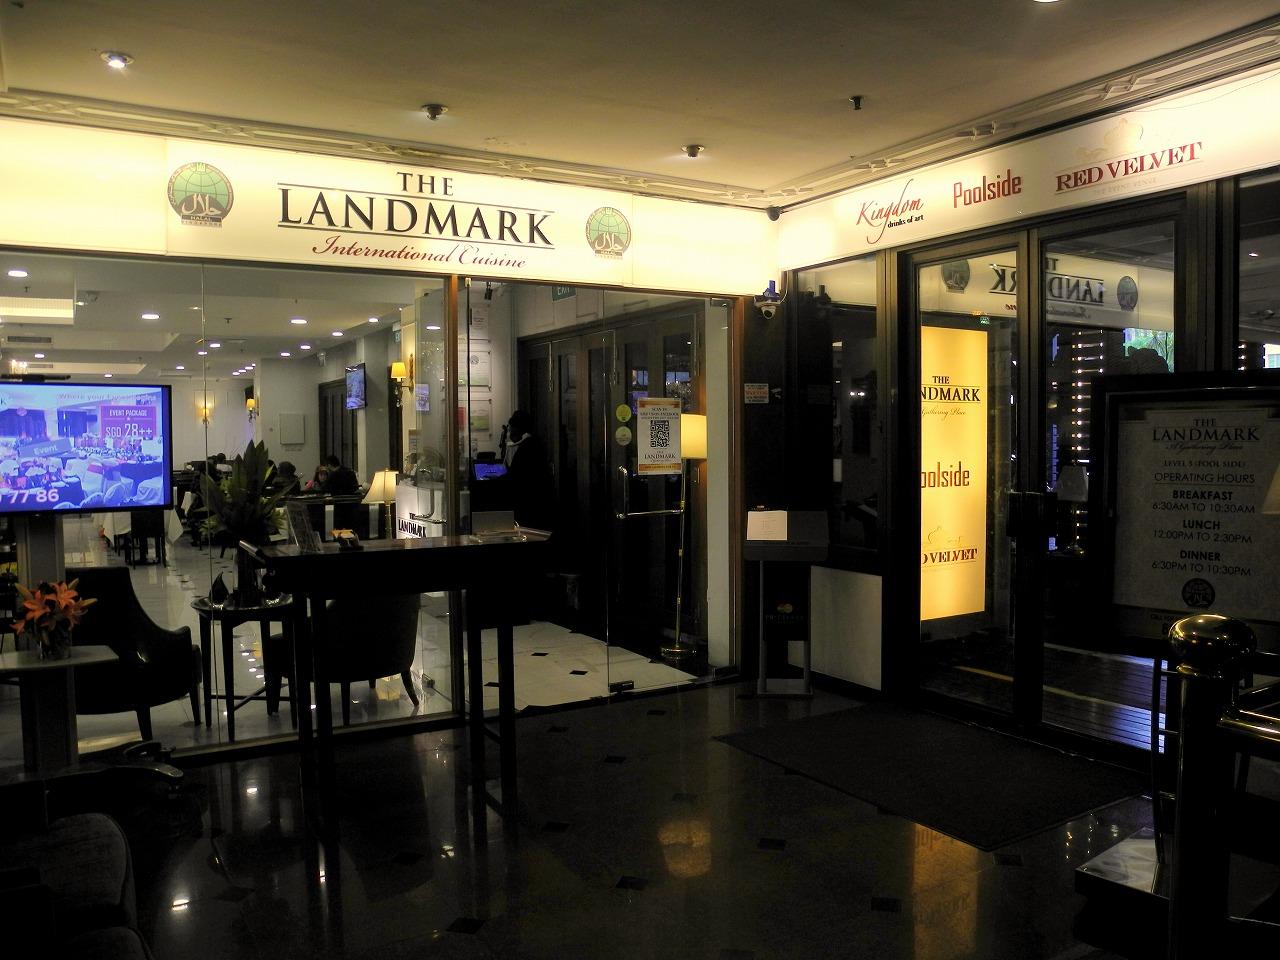 ランドマークレストラン入口